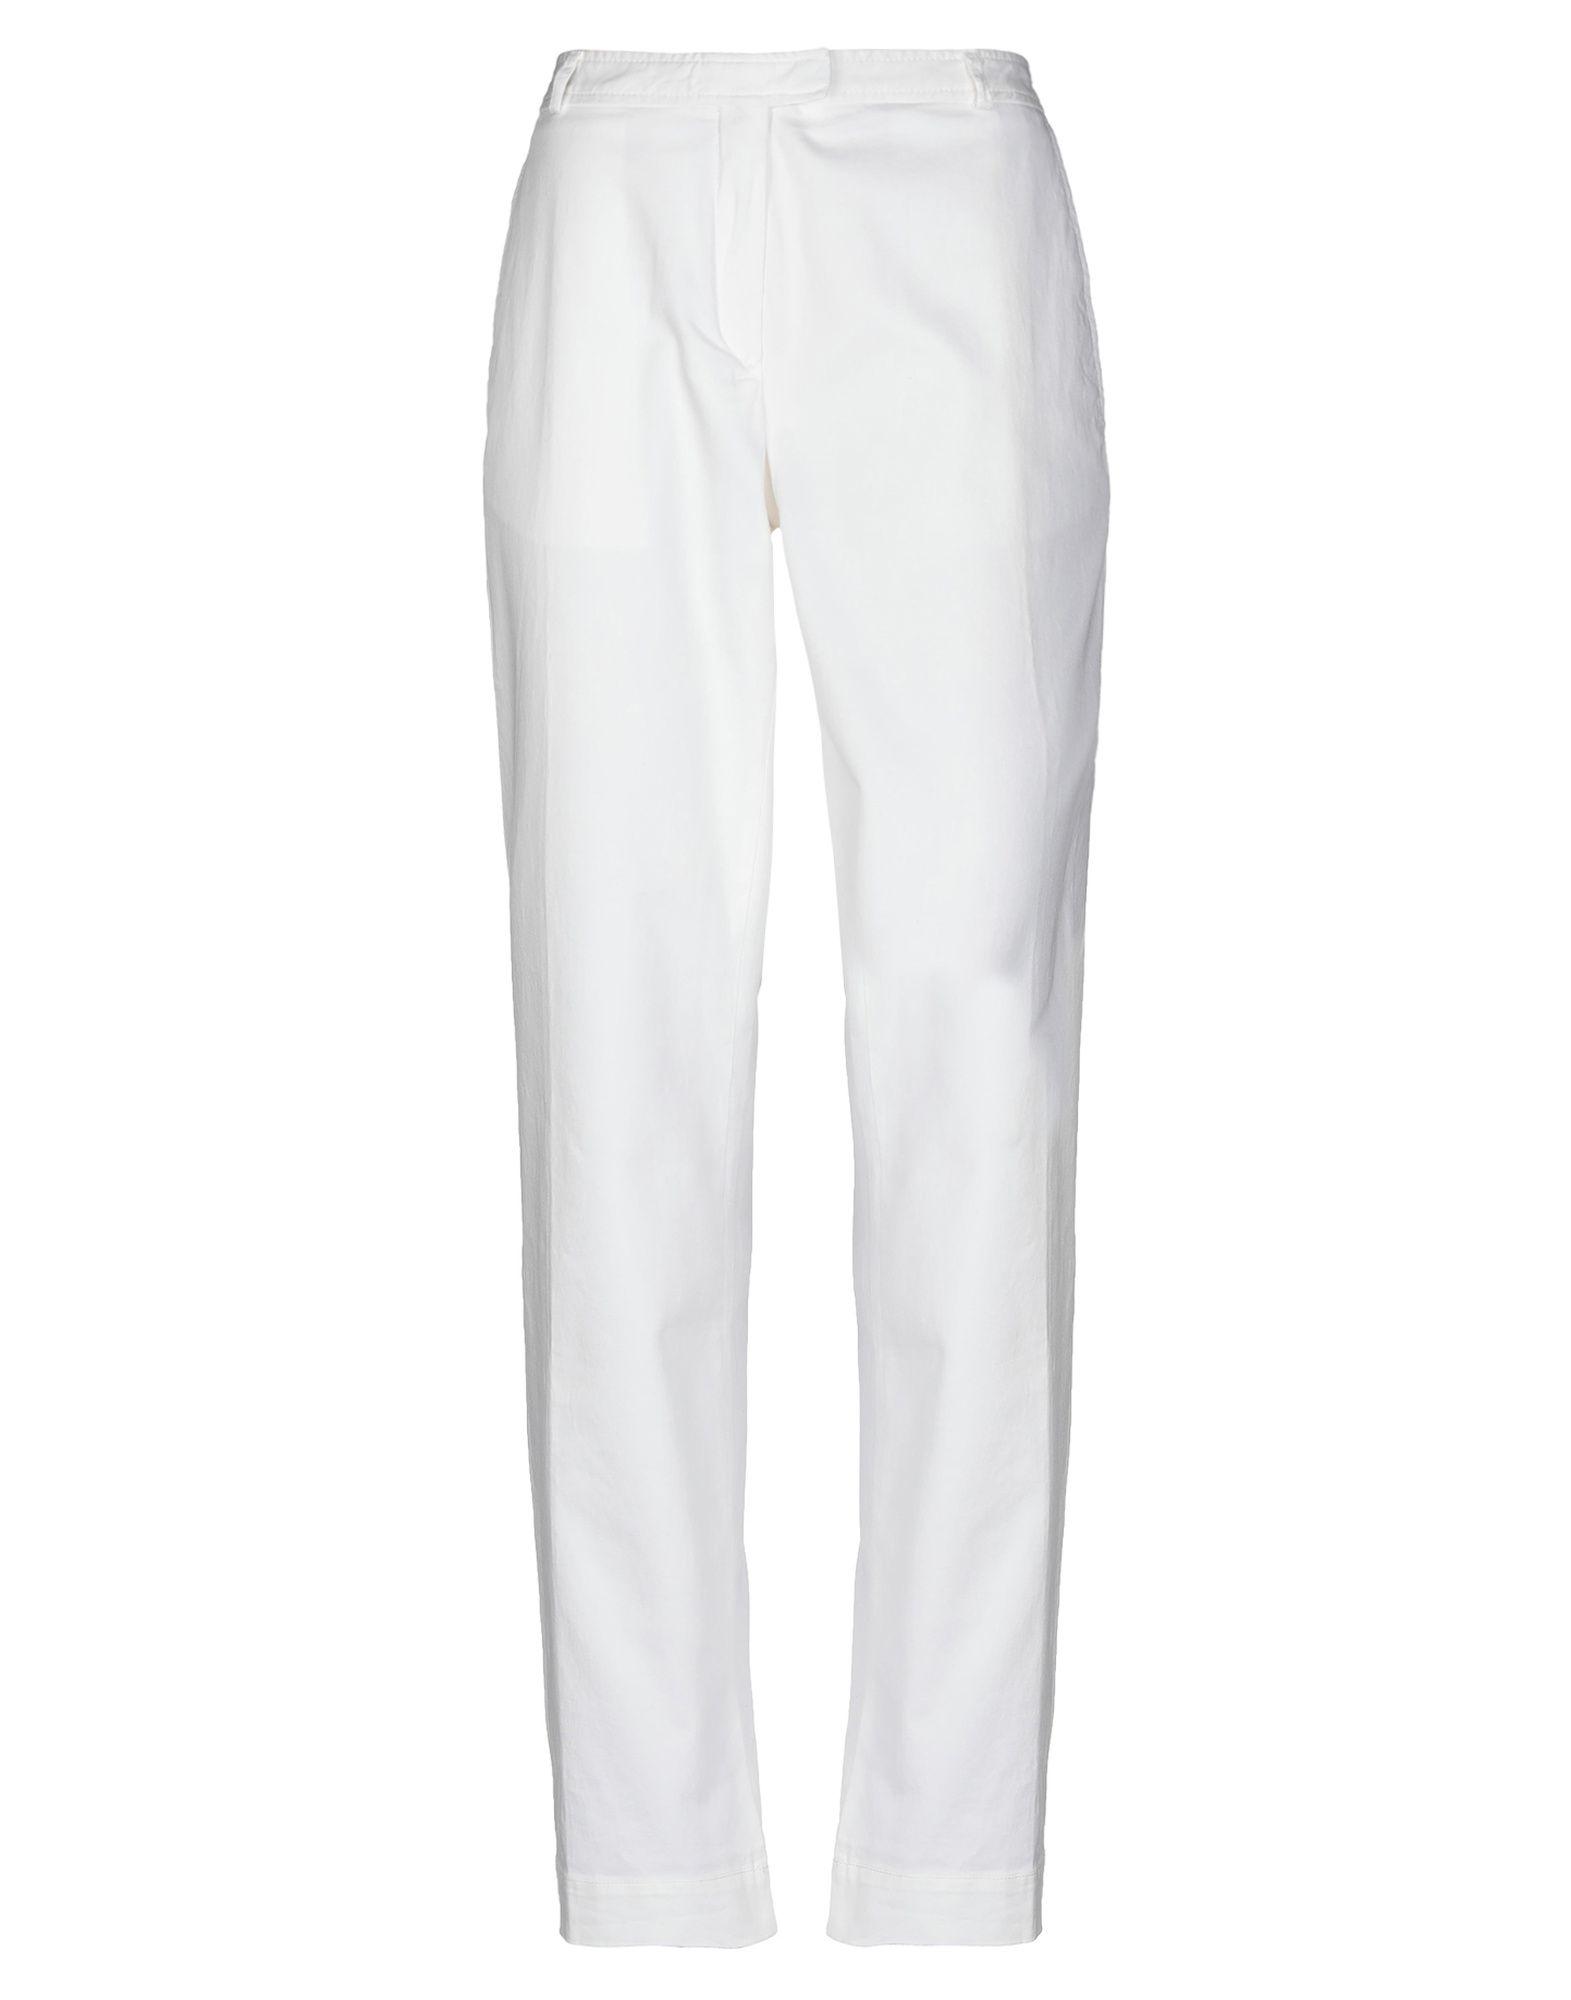 Pantalone Pantalone C.P. Company donna - 13288911WA  Willkommen zu kaufen